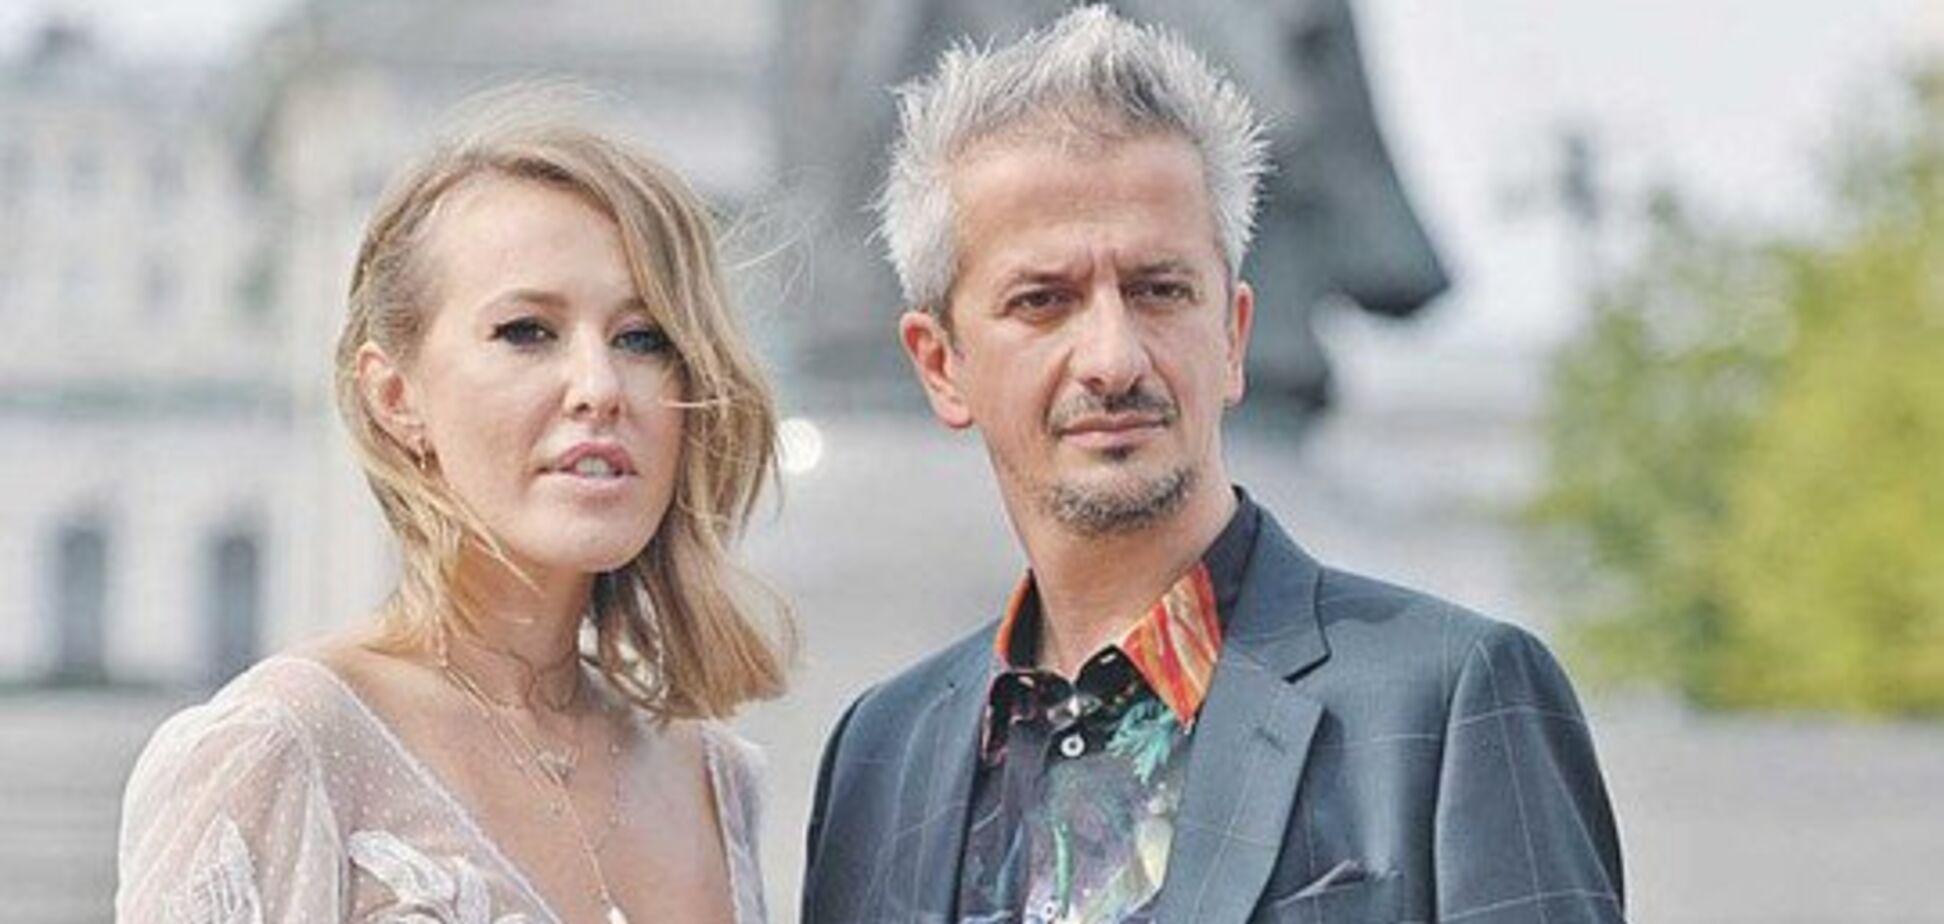 Не живут вместе: раскрылись подробности брака Собчак и Богомолова